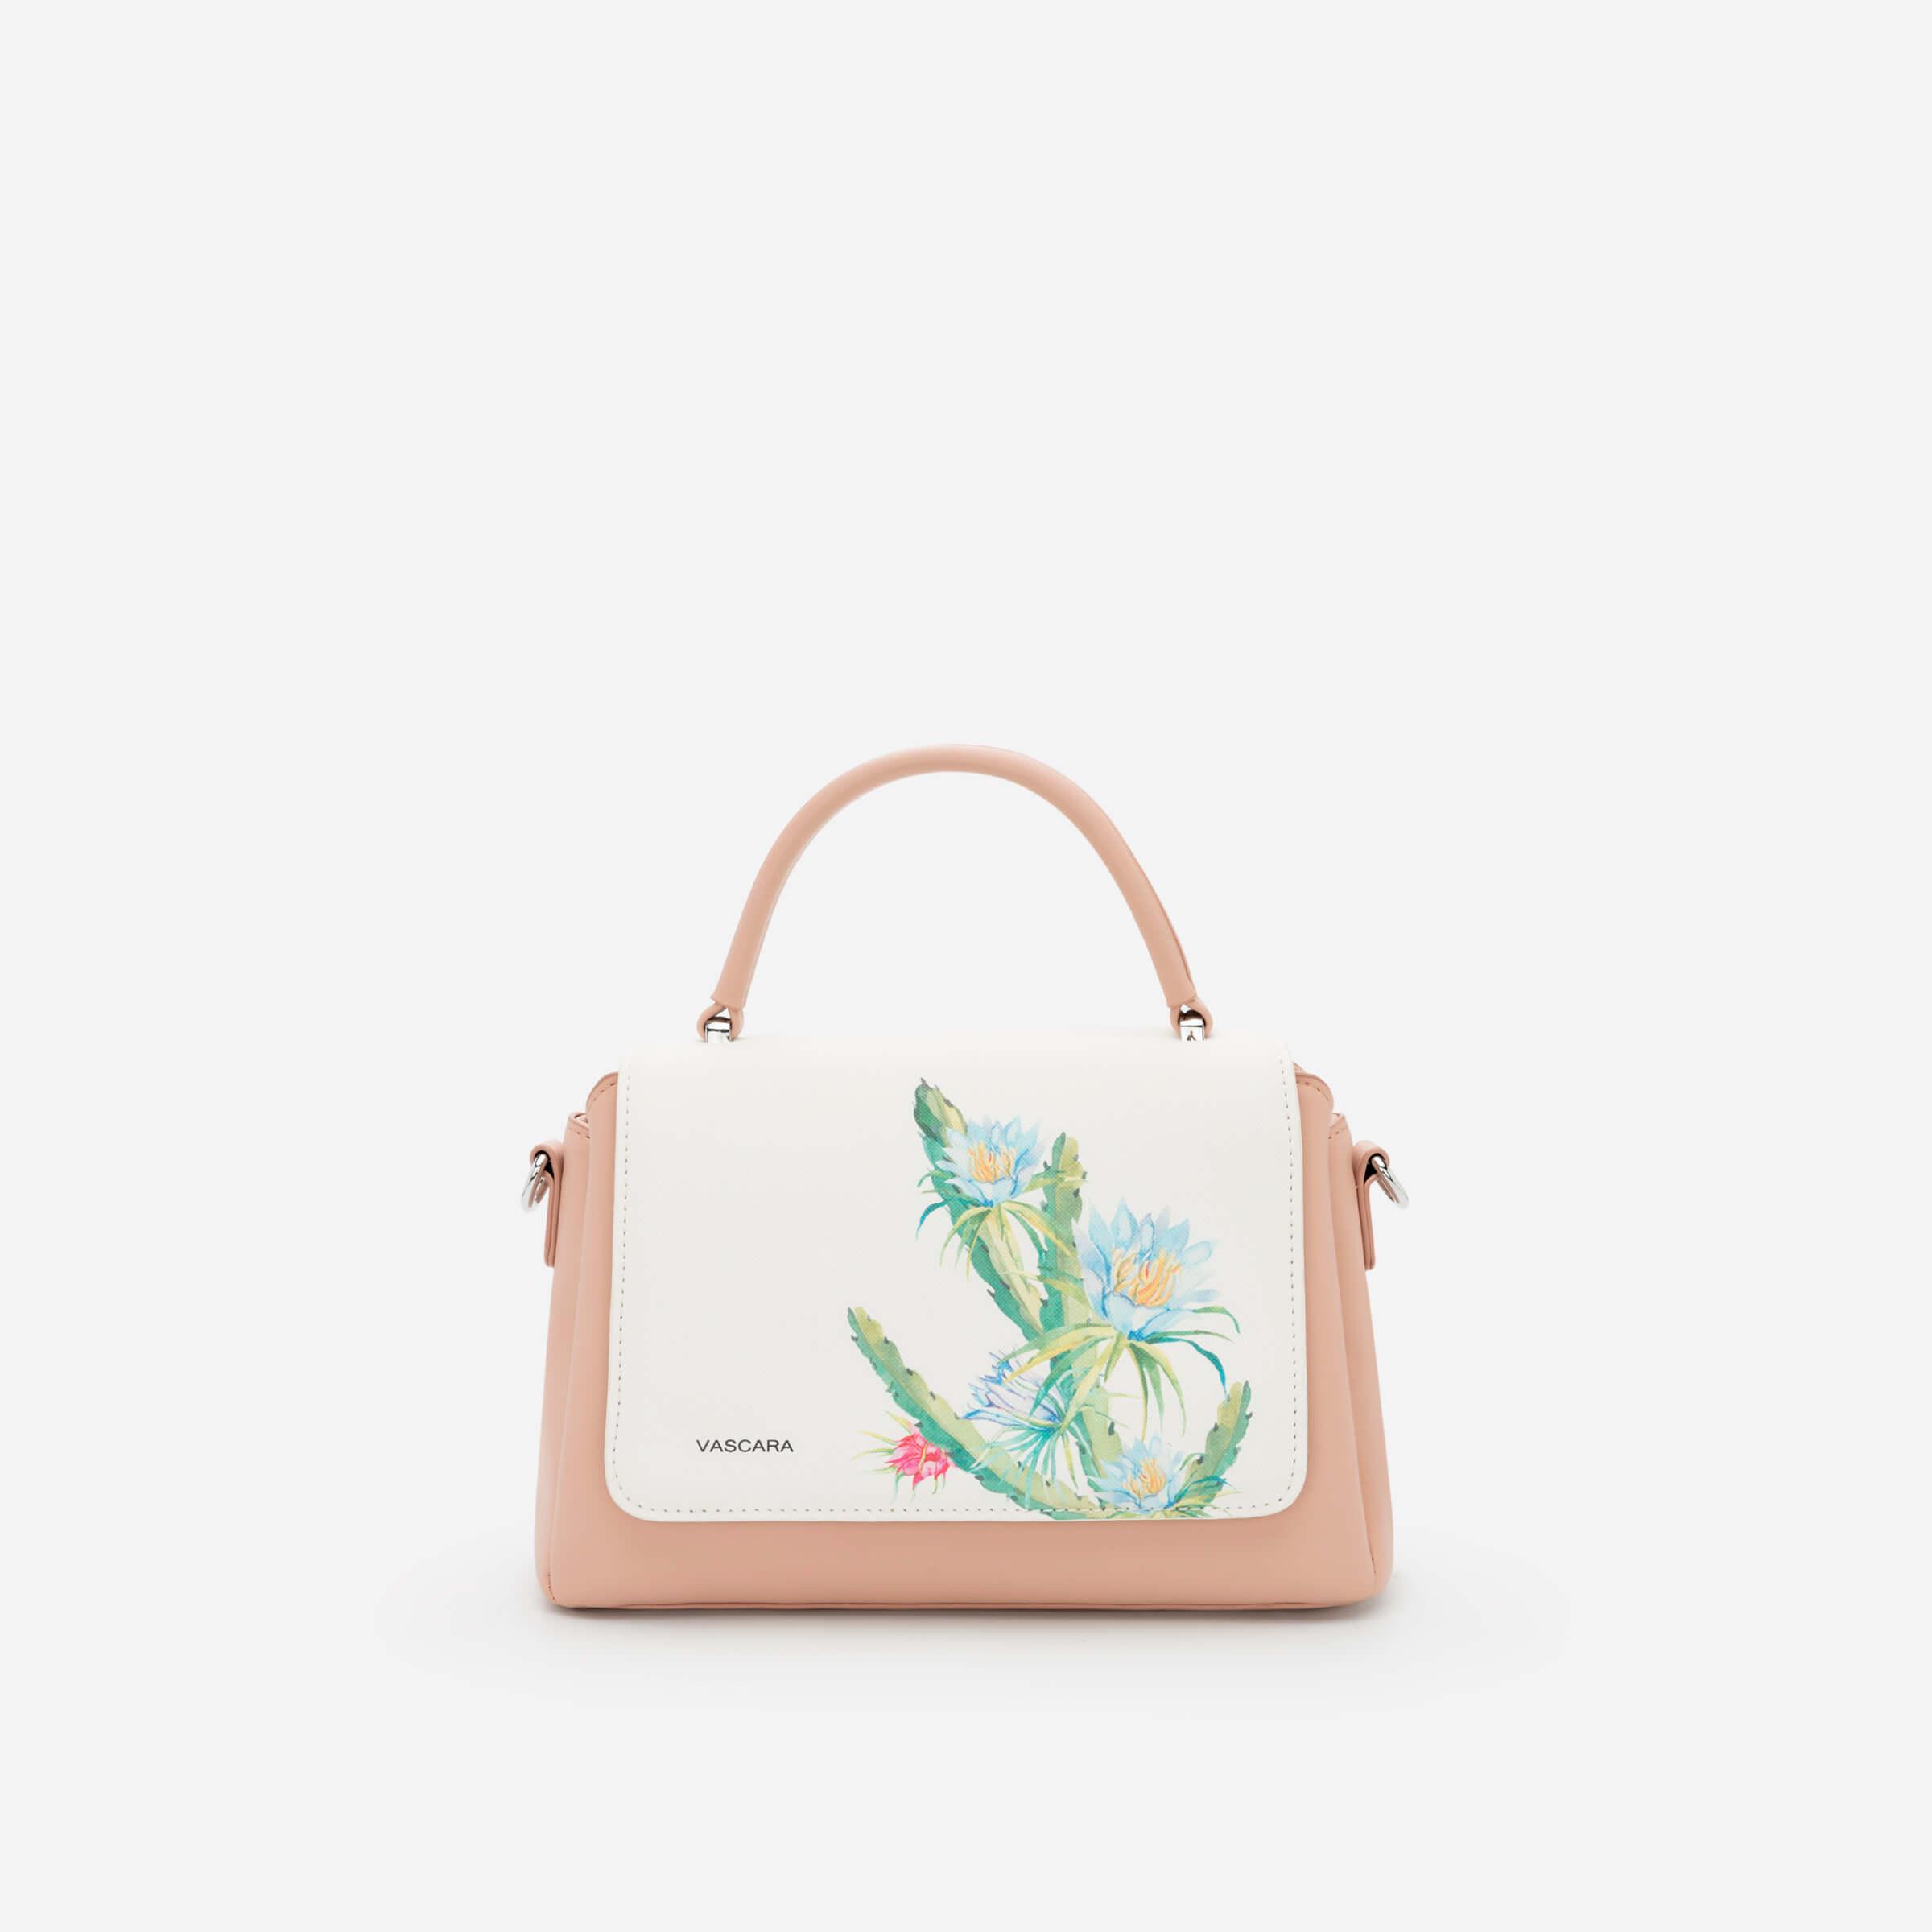 túi xách họa tiết hoa thanh long 2